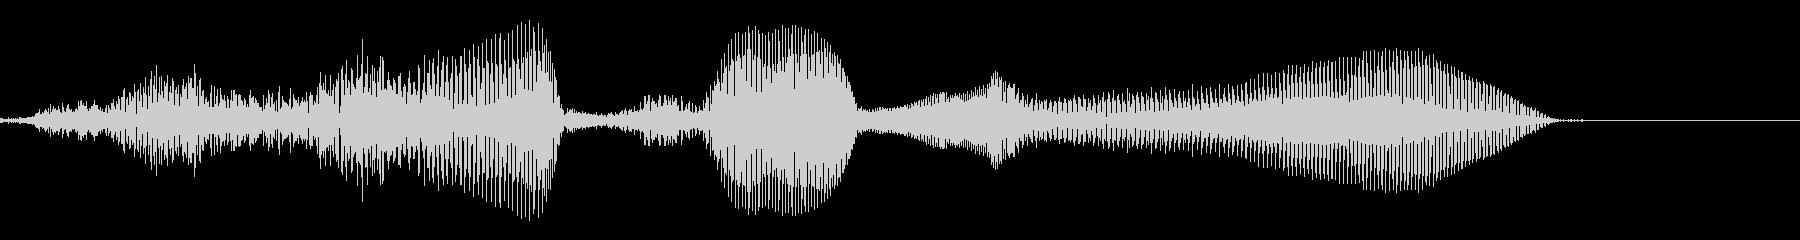 上手ね!2【ロリキャラの褒めボイス】の未再生の波形